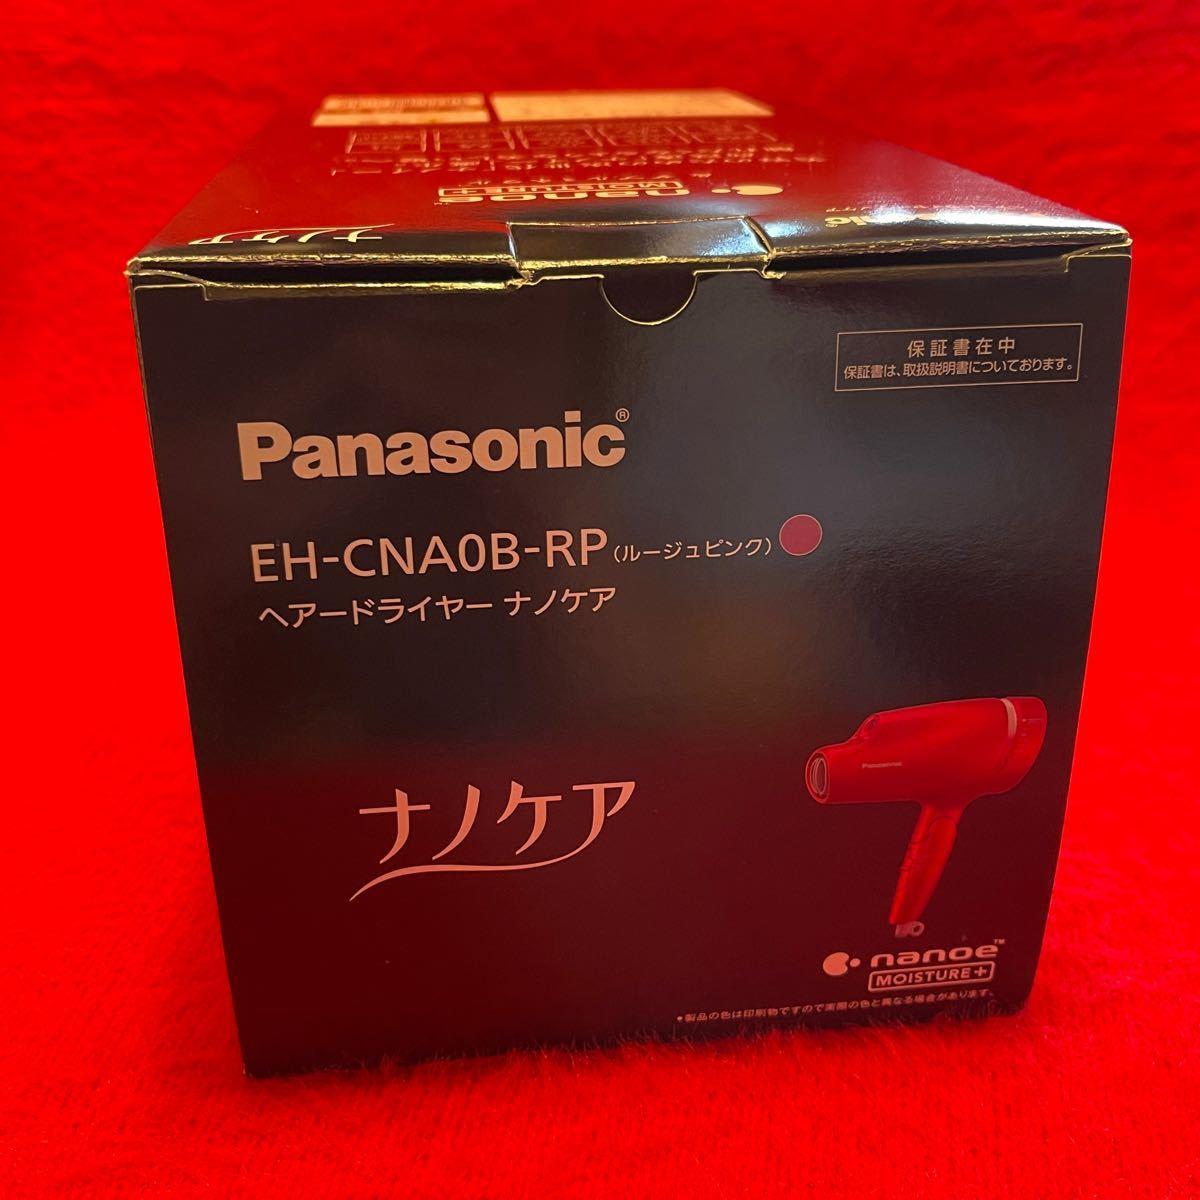 パナソニック Panasonic ナノケア EH-CNA0B-RP (ルージュピンク)ドライヤー 新品未使用